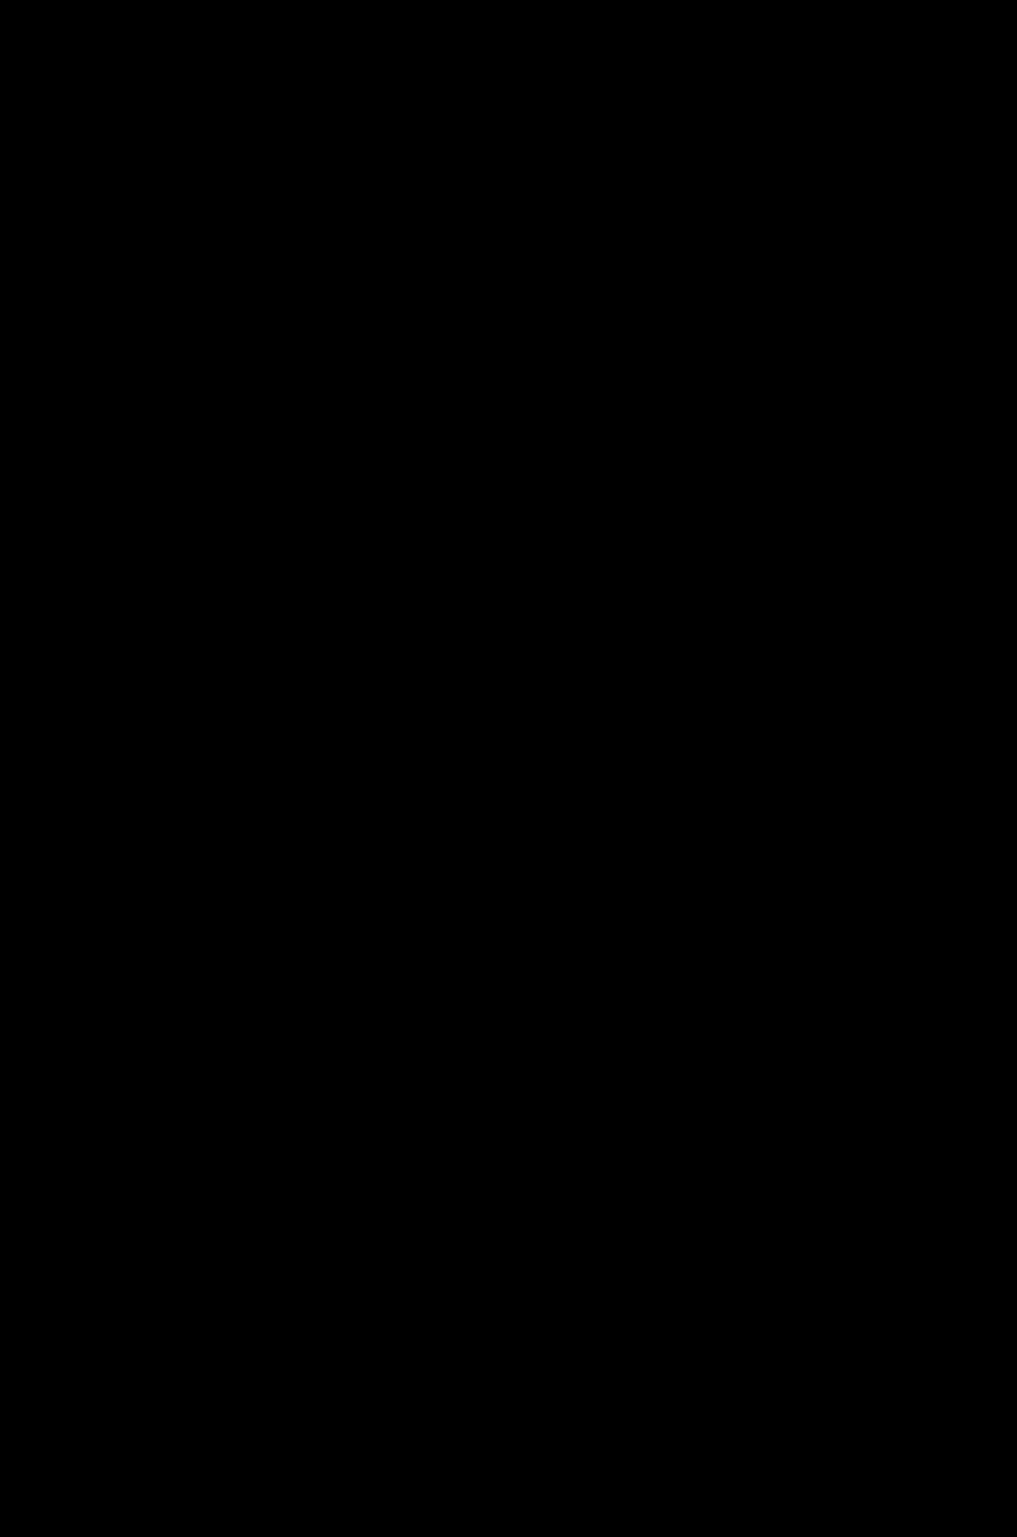 4-[2-Amino-4-methyl-3-(2-methyl-6-quinolinyl)benzoyl]-1,2-dihydro-1-methyl-2,5-diphenyl-3H-pyrazol-3-one